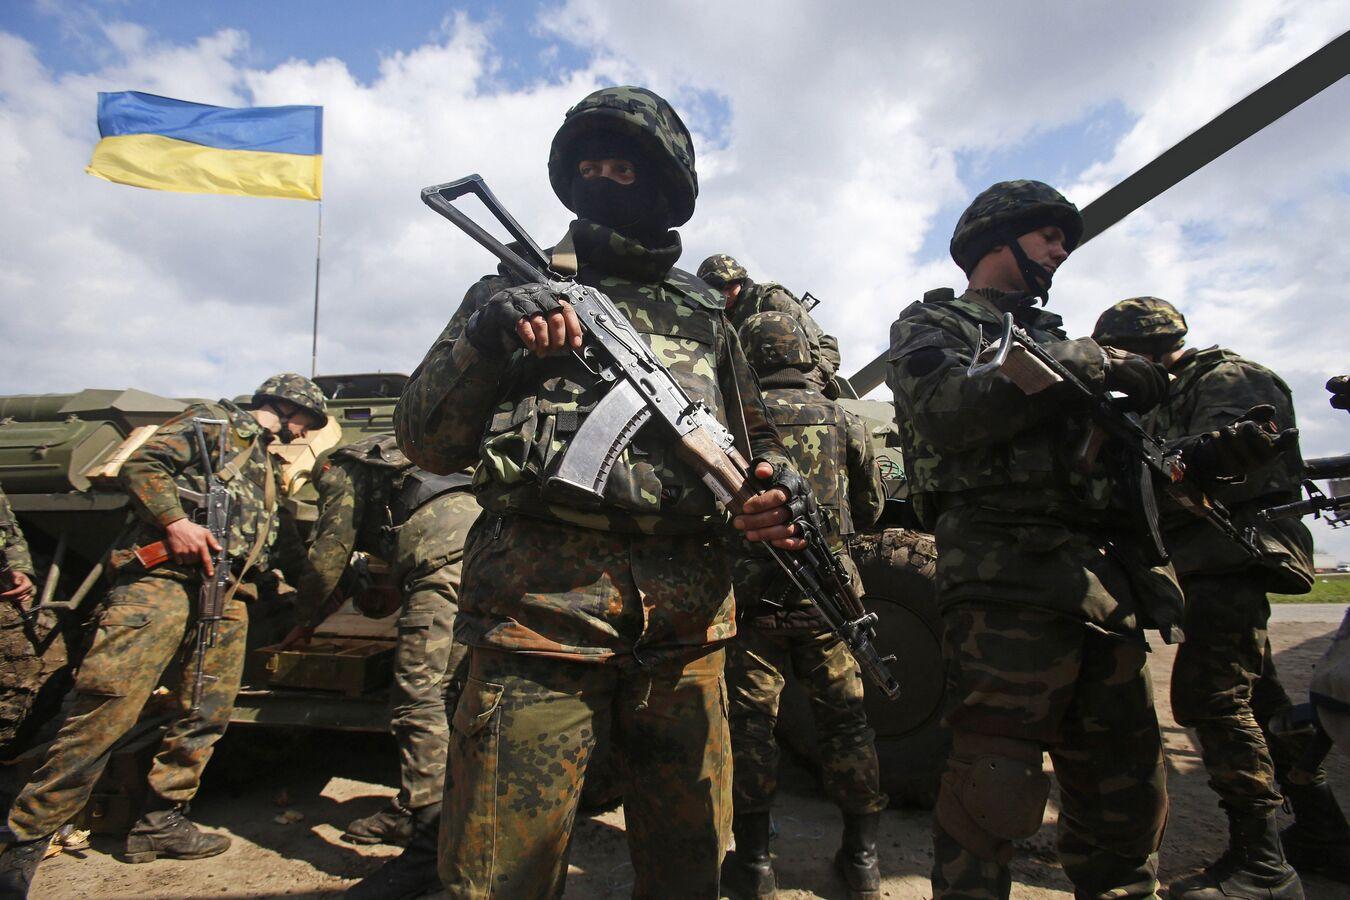 Украинская армия в Донбассе вне закона, считает Генпрокуратура Украины